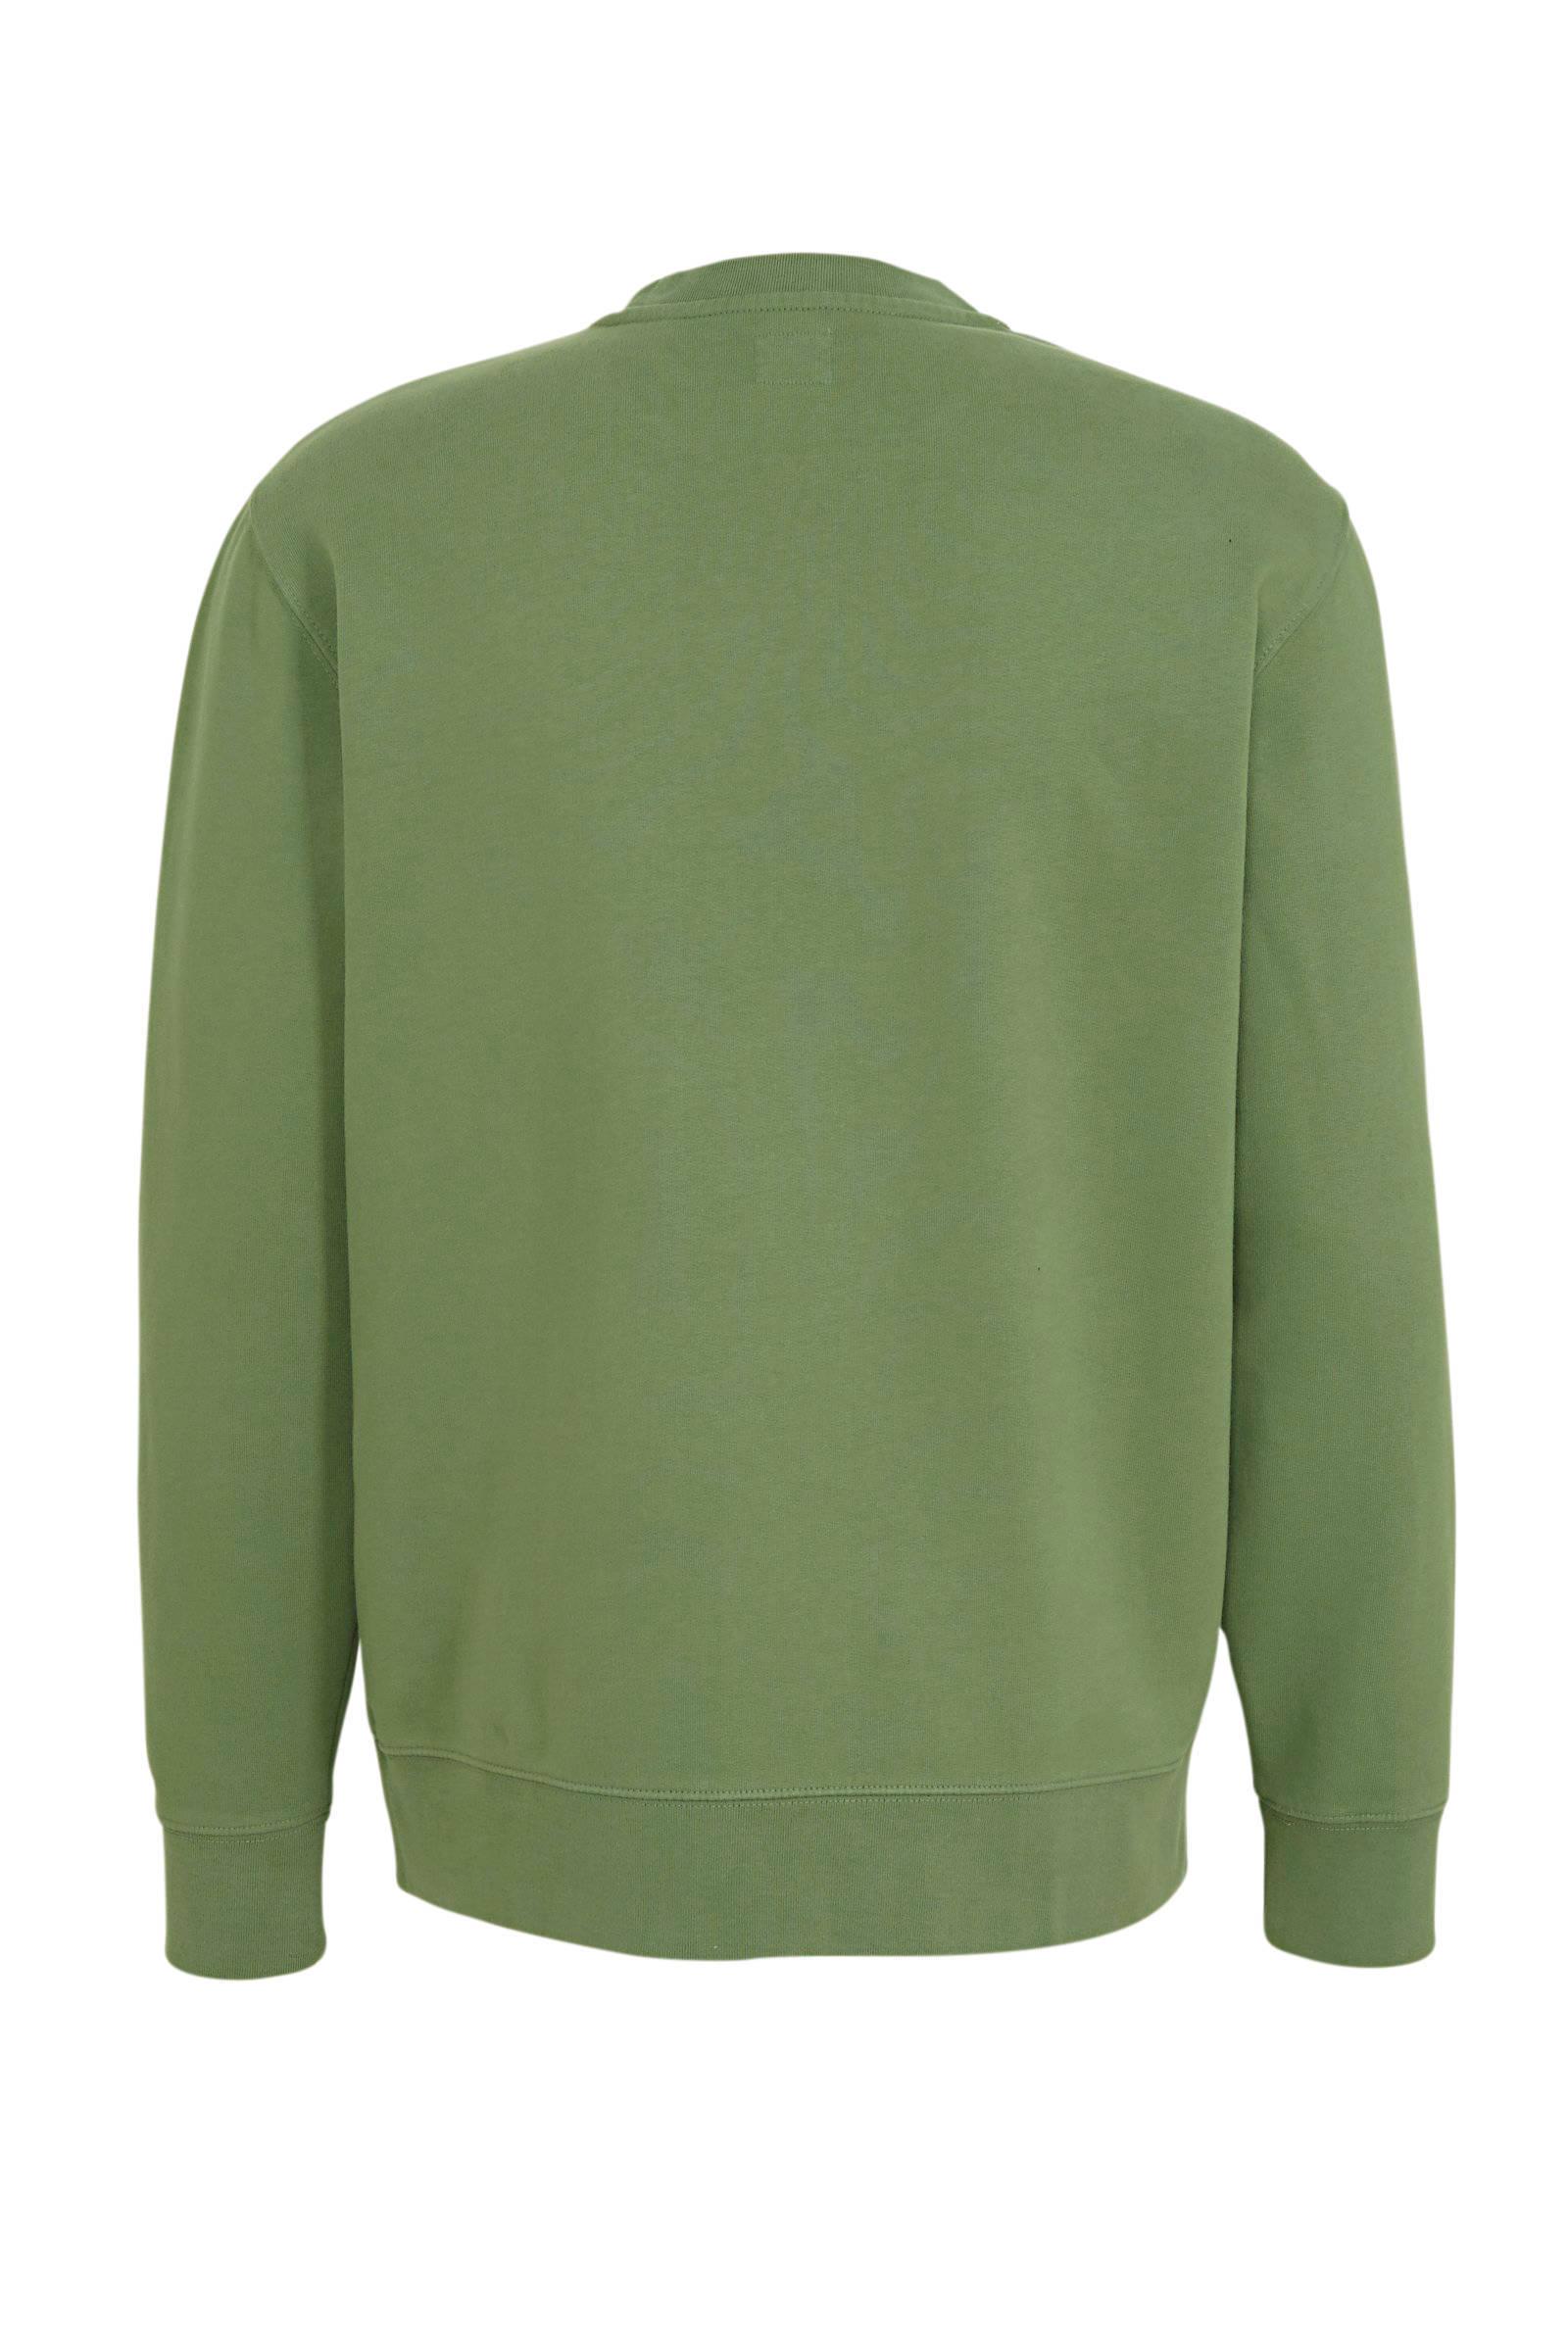 Levi's sweater met logo groen | wehkamp